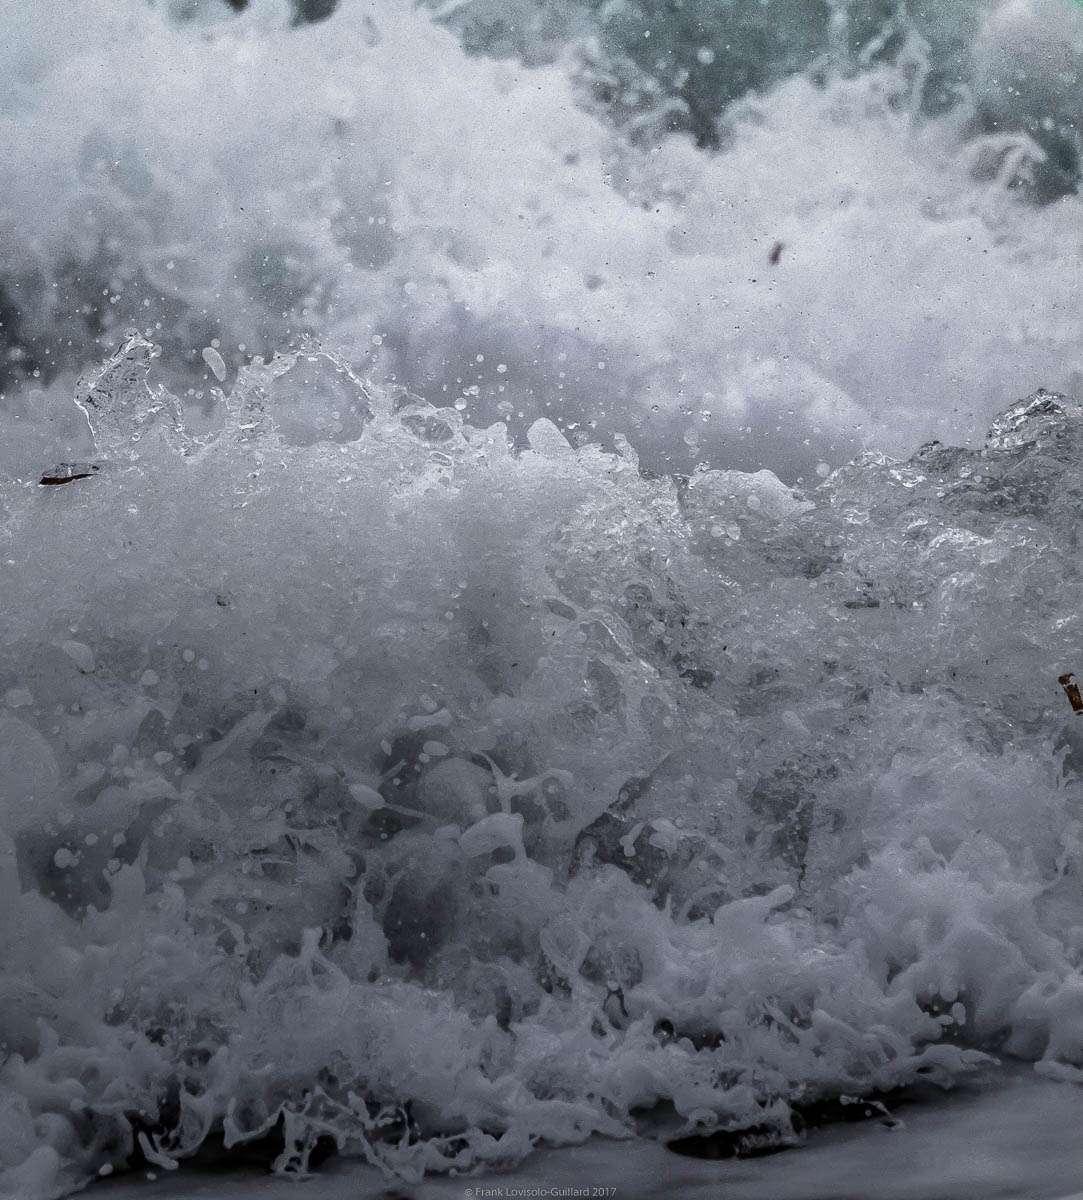 eau sculptee 046